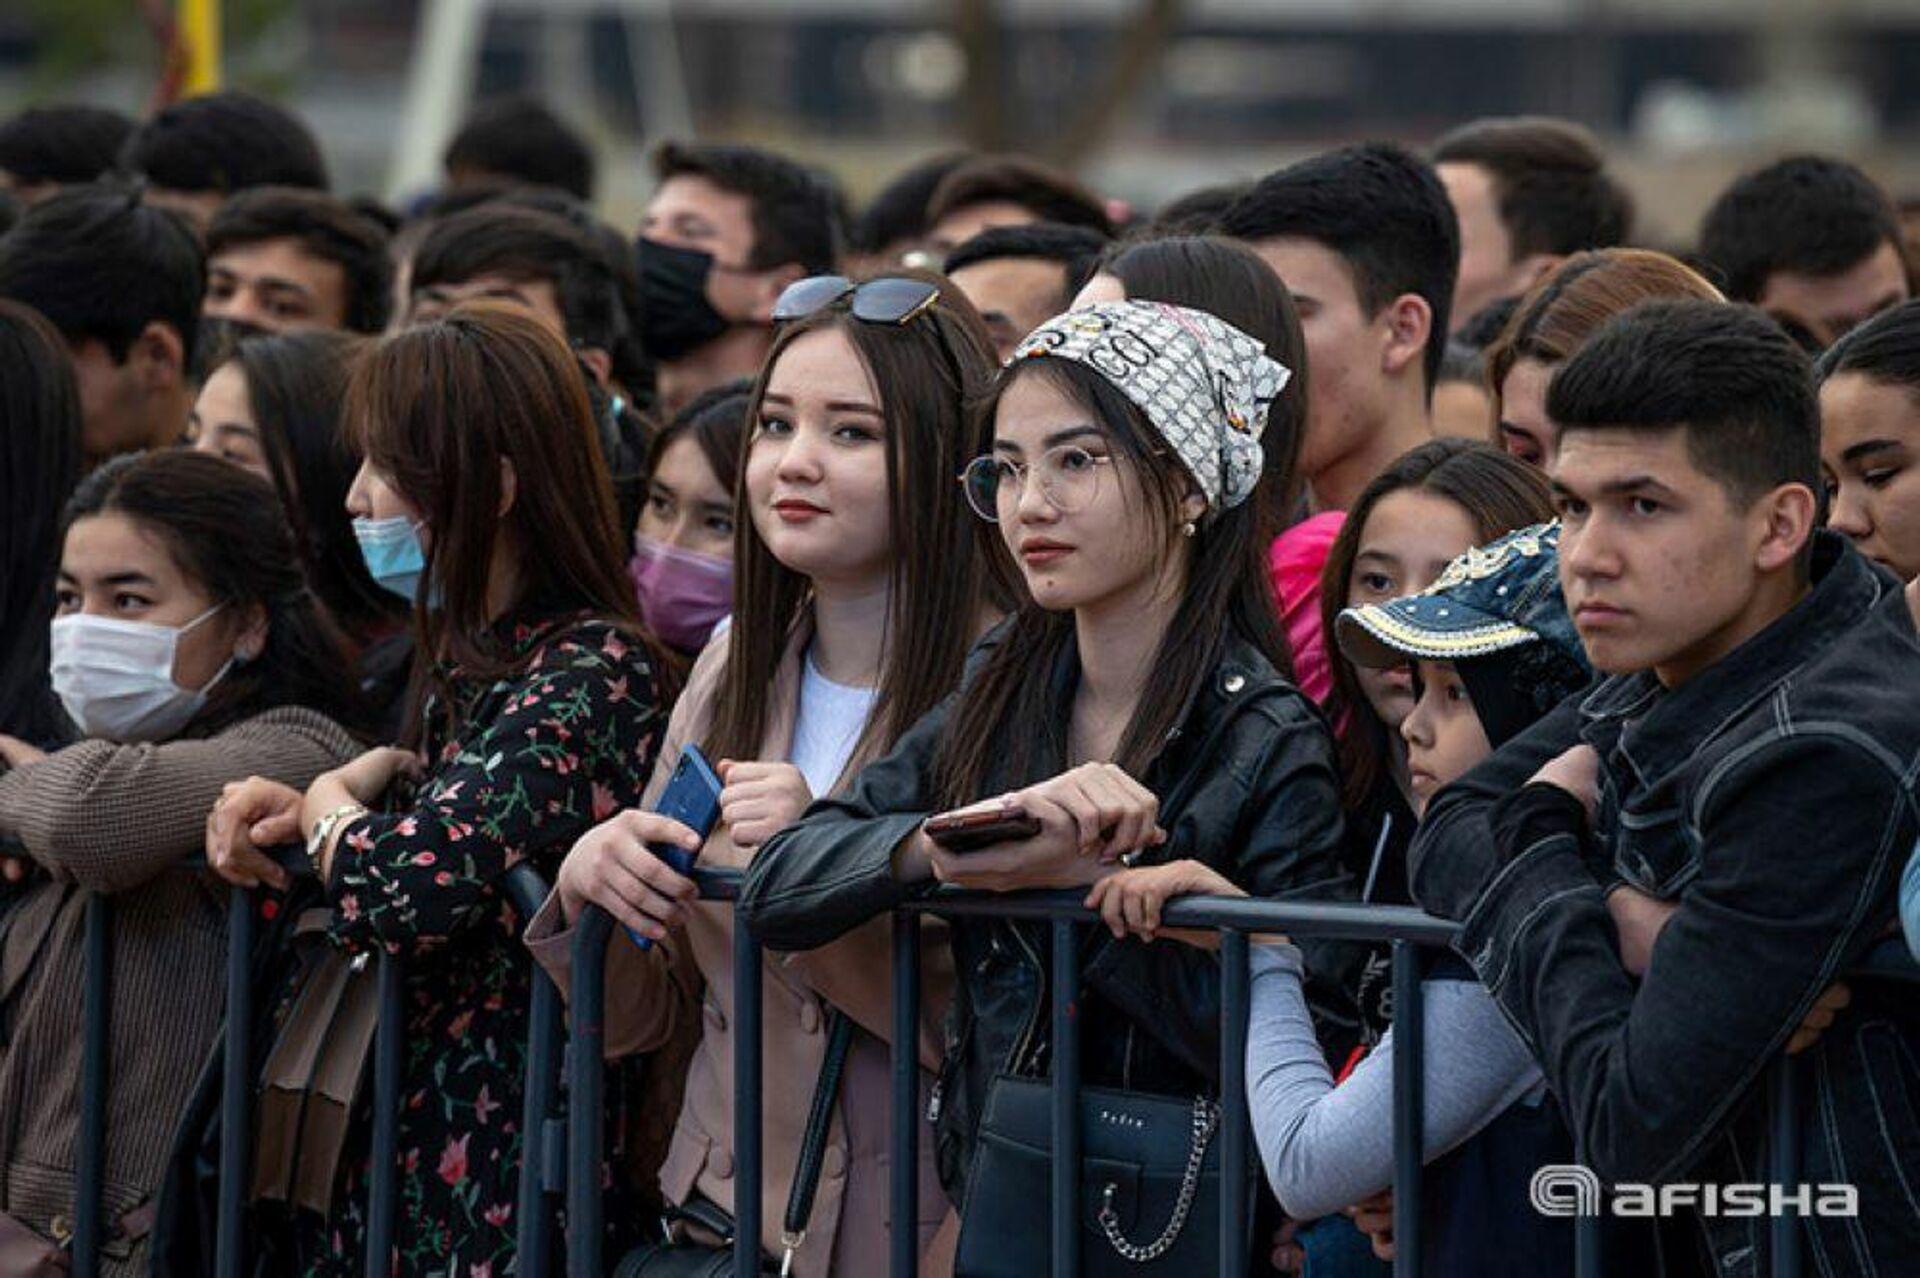 Как в Ташкенте прошел фестиваль Молодежь будущего - Sputnik Узбекистан, 1920, 07.04.2021